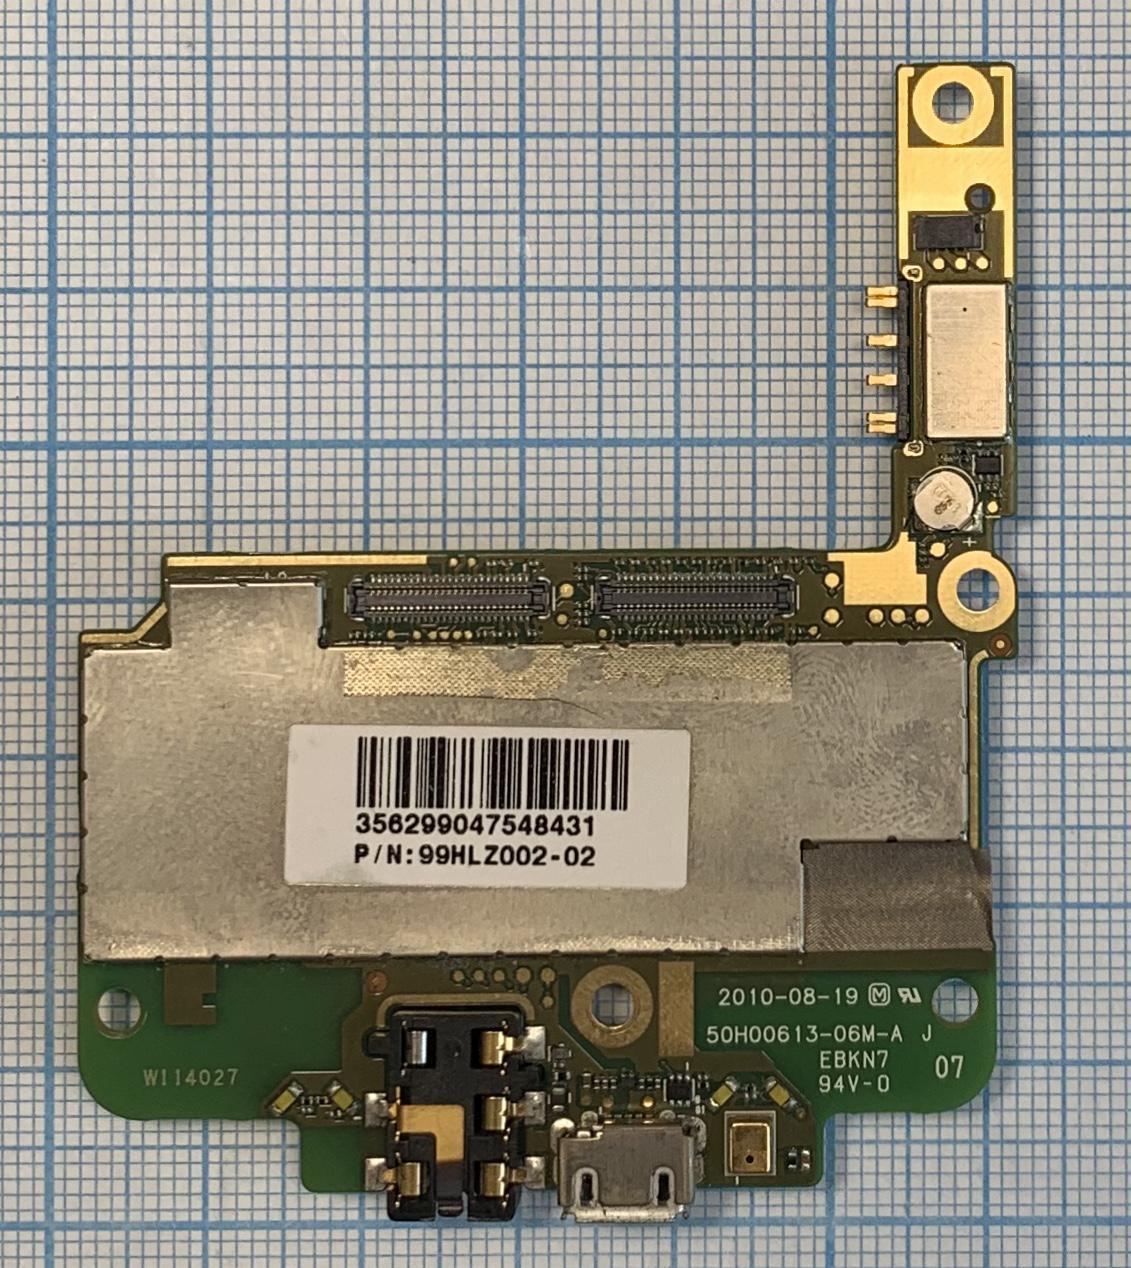 Системна плата HTC inspire 4G (стан не відомий)